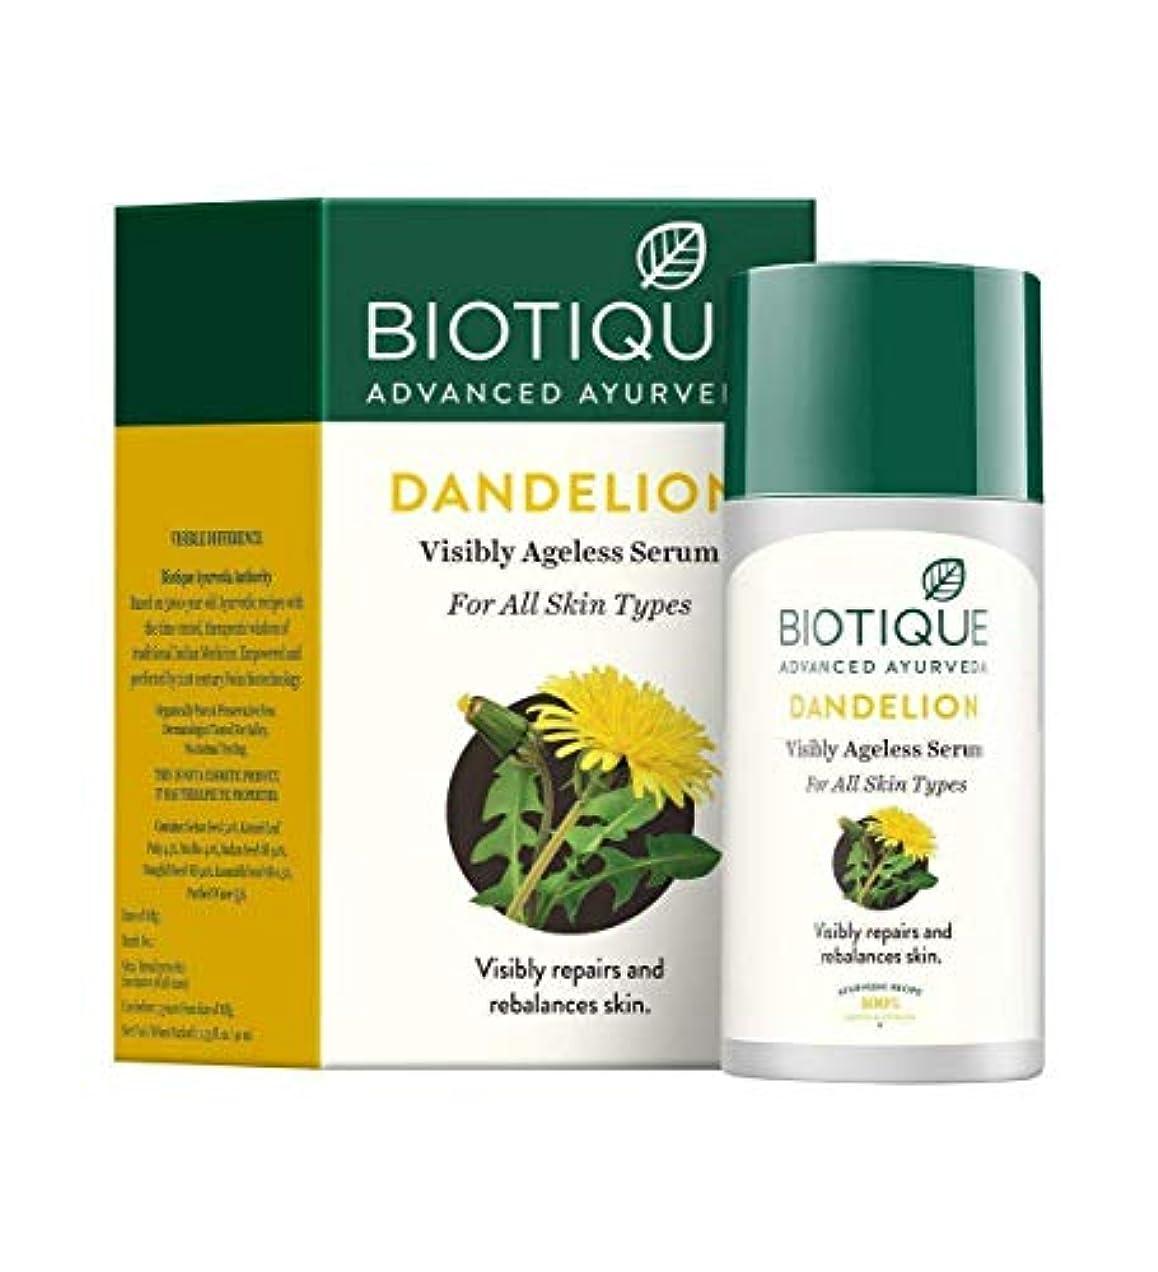 成功した頼む更新Biotique Bio Dandelion Visibly Ageless lightening serum, 40 ml Rich in Vitamin E Biotiqueバイオタンポポ目に見えないエイジライトニング...